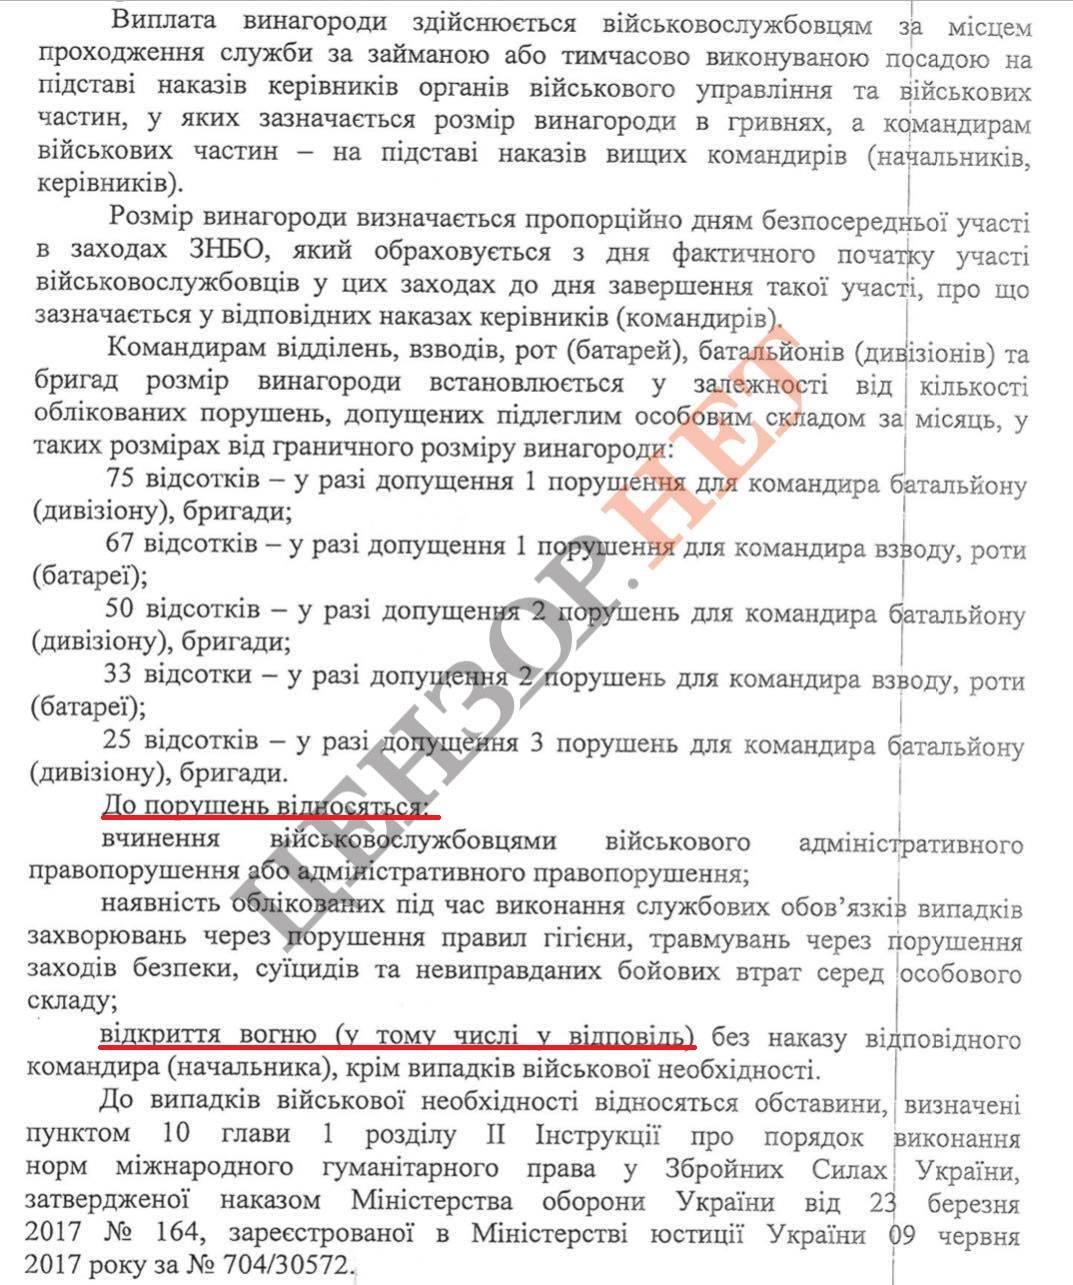 Військових ЗСУ штрафуватимуть за вогонь у відповідь: фото скандального документа